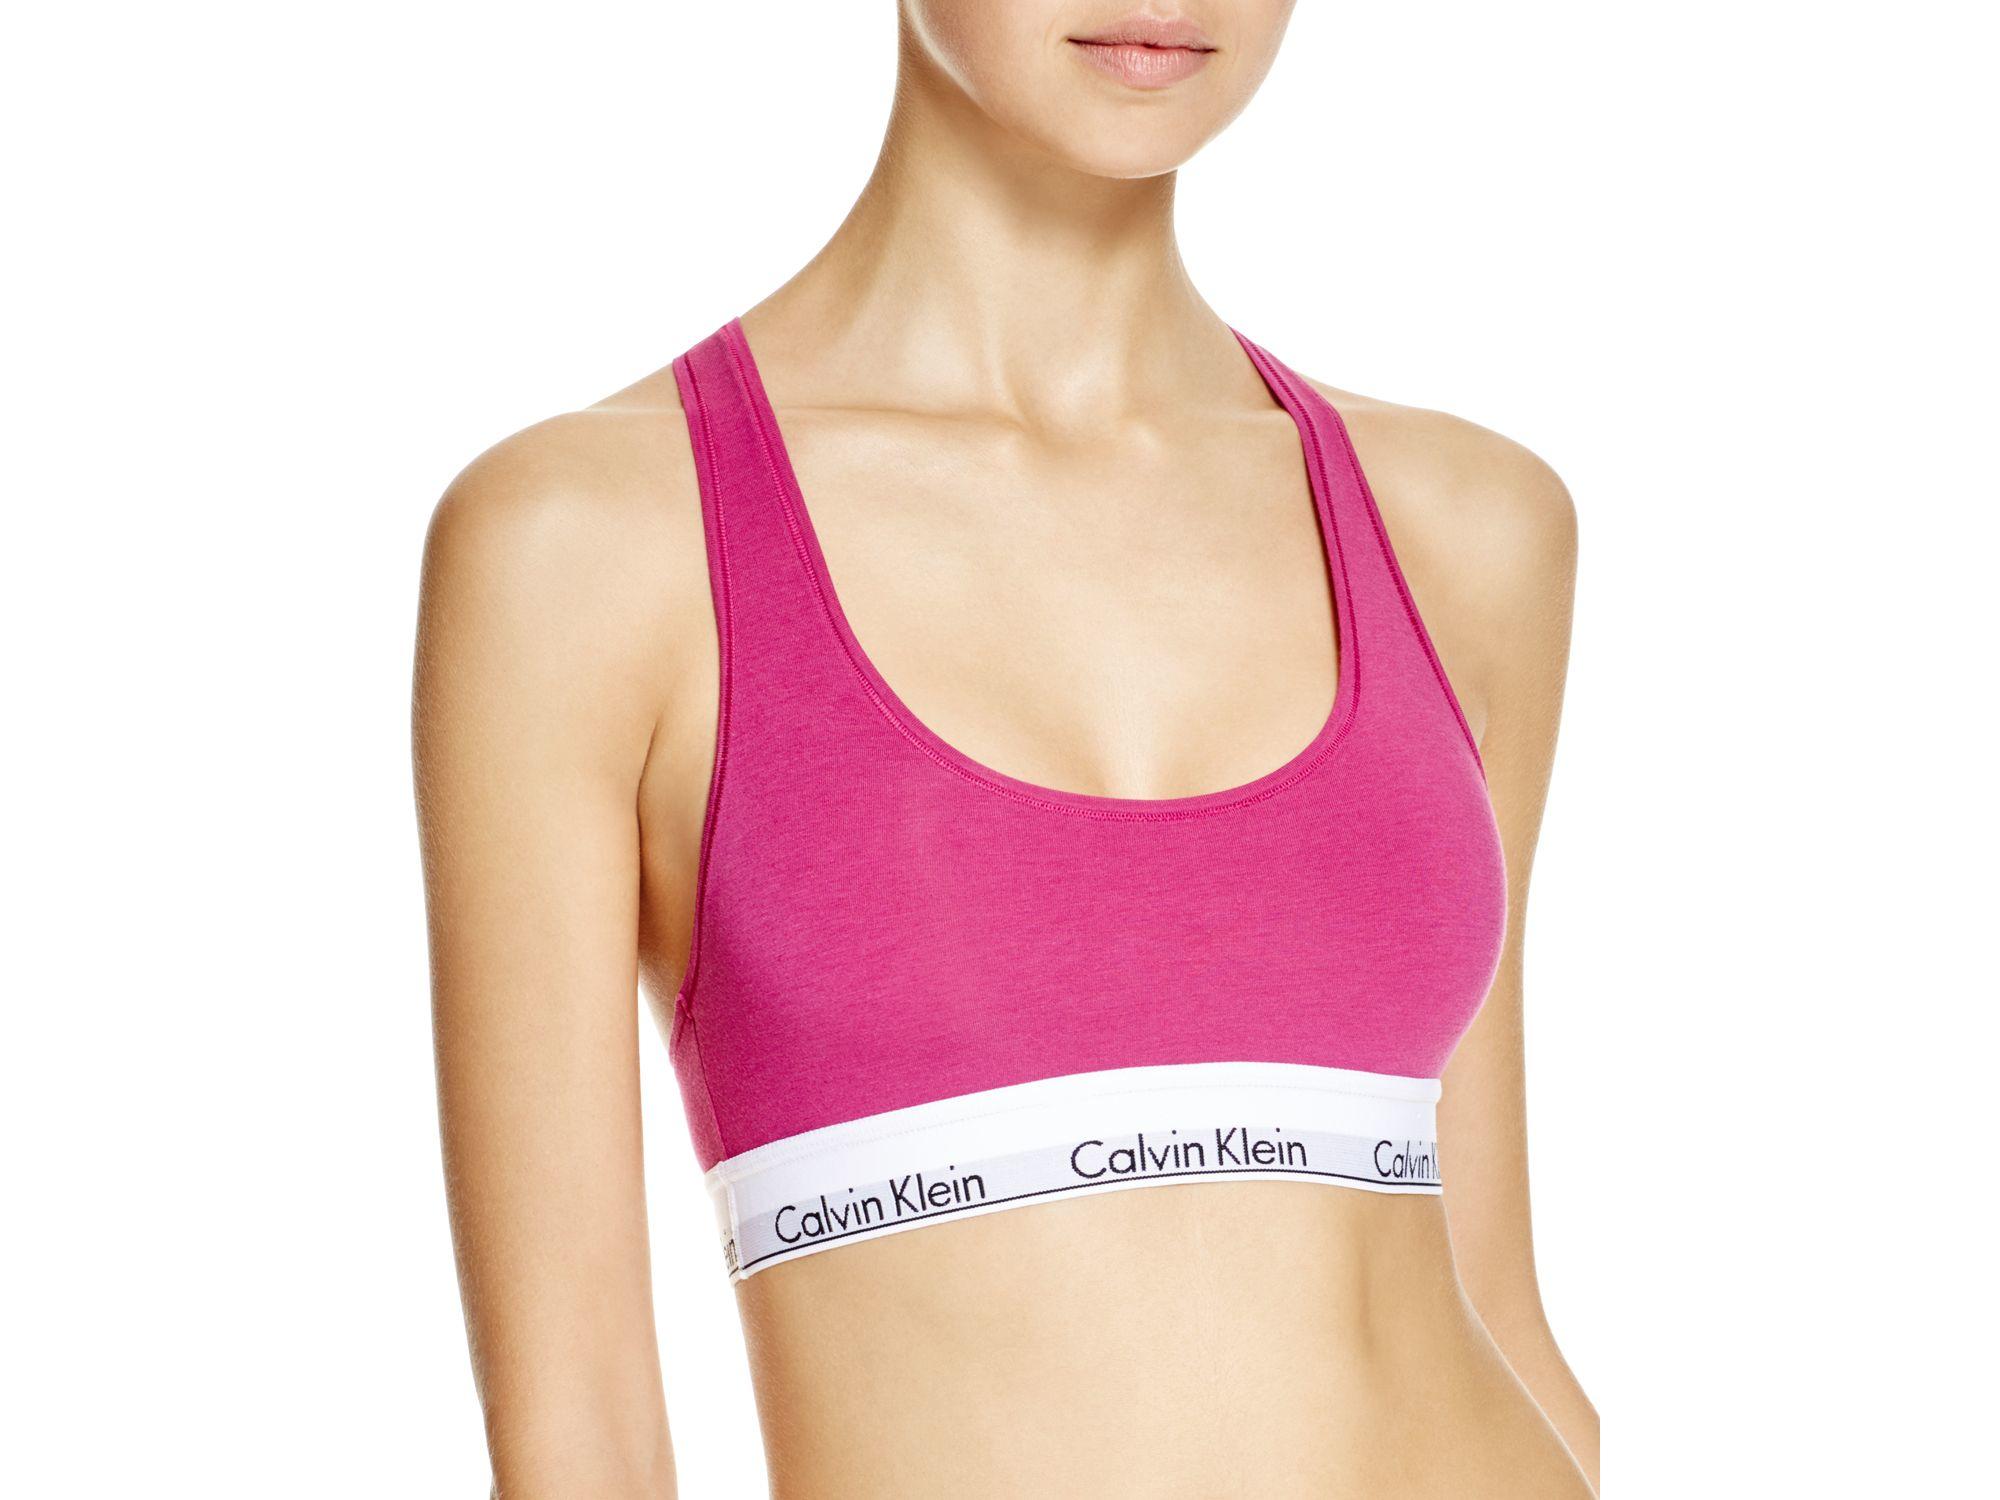 a8afedad90 Calvin Klein Bralette - Modern Cotton  f3785 in Pink - Lyst